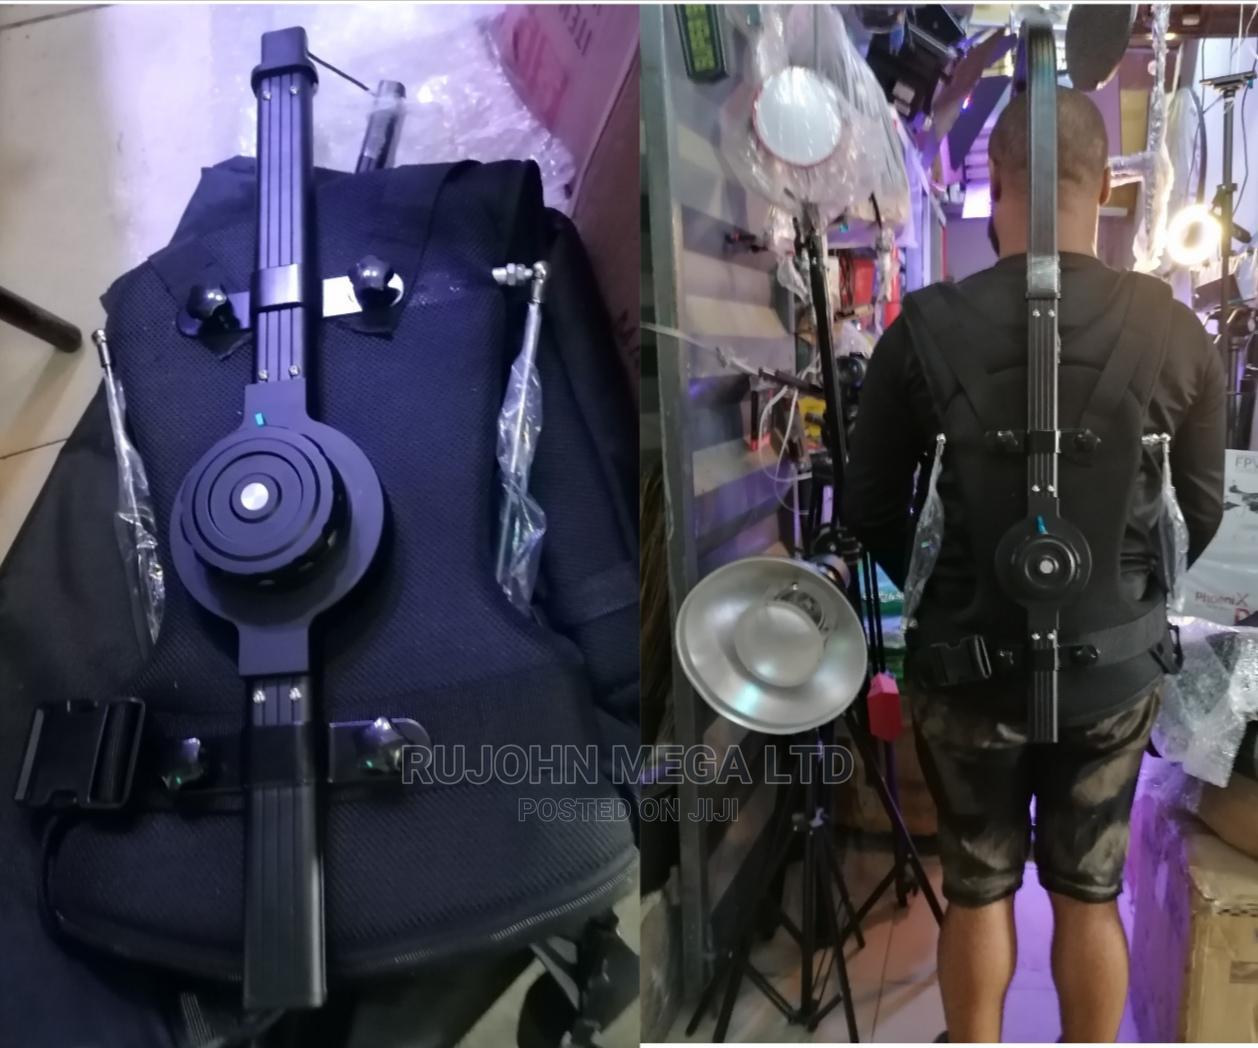 EASYRIG Vest for Digital Cameras Used in Video Production